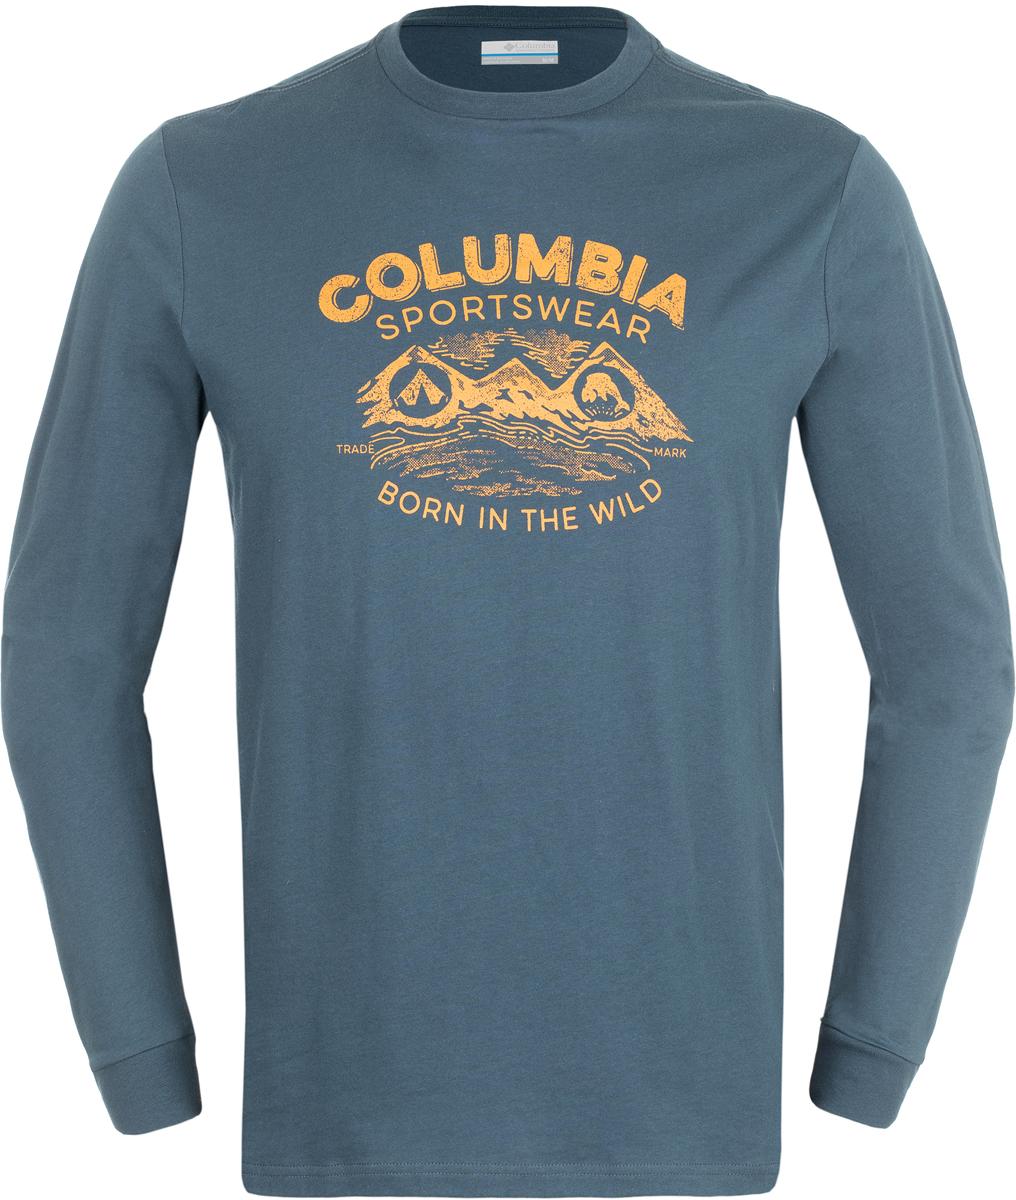 Лонгслив мужской Columbia Born In The Wild Ls M T-Shirt, цвет: темно-синий. 1739421-435. Размер S (44/46)1739421-435Мужской лонгслив от Columbia, выполненный из натуральных тканей прекрасно дополнит гардероб. Модель с длинными рукавами и круглым вырезом горловины оформлена текстовым принтом.